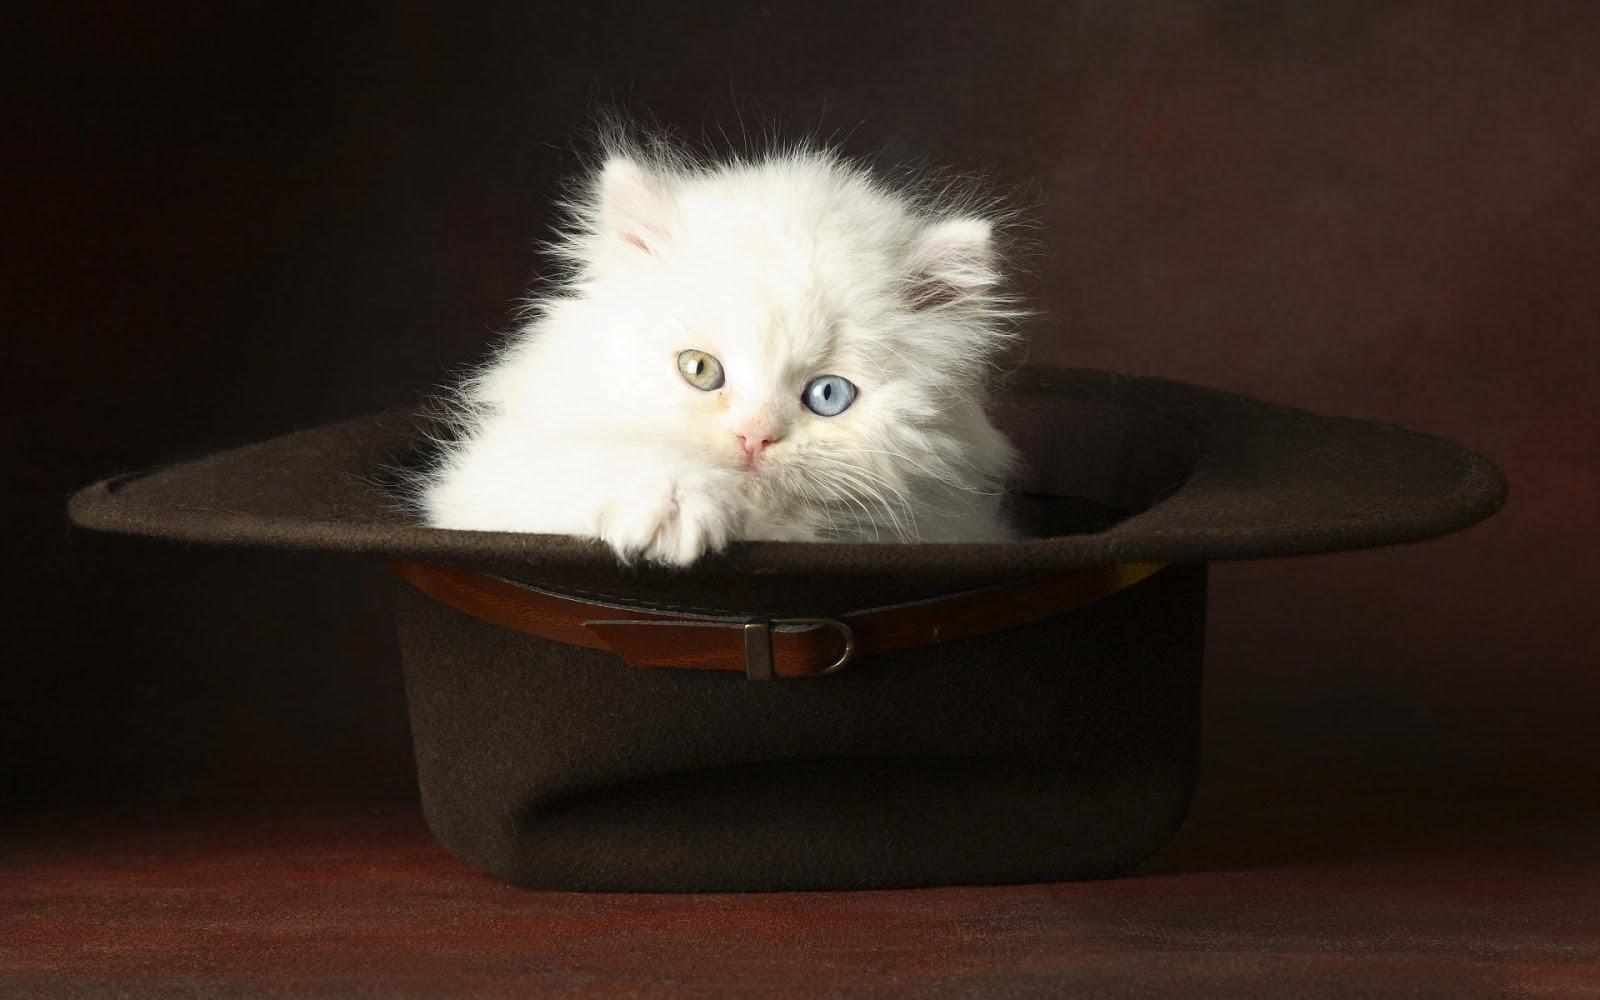 Gatito en un sombrero con los ojos de diferente color | wallpaper hd ...